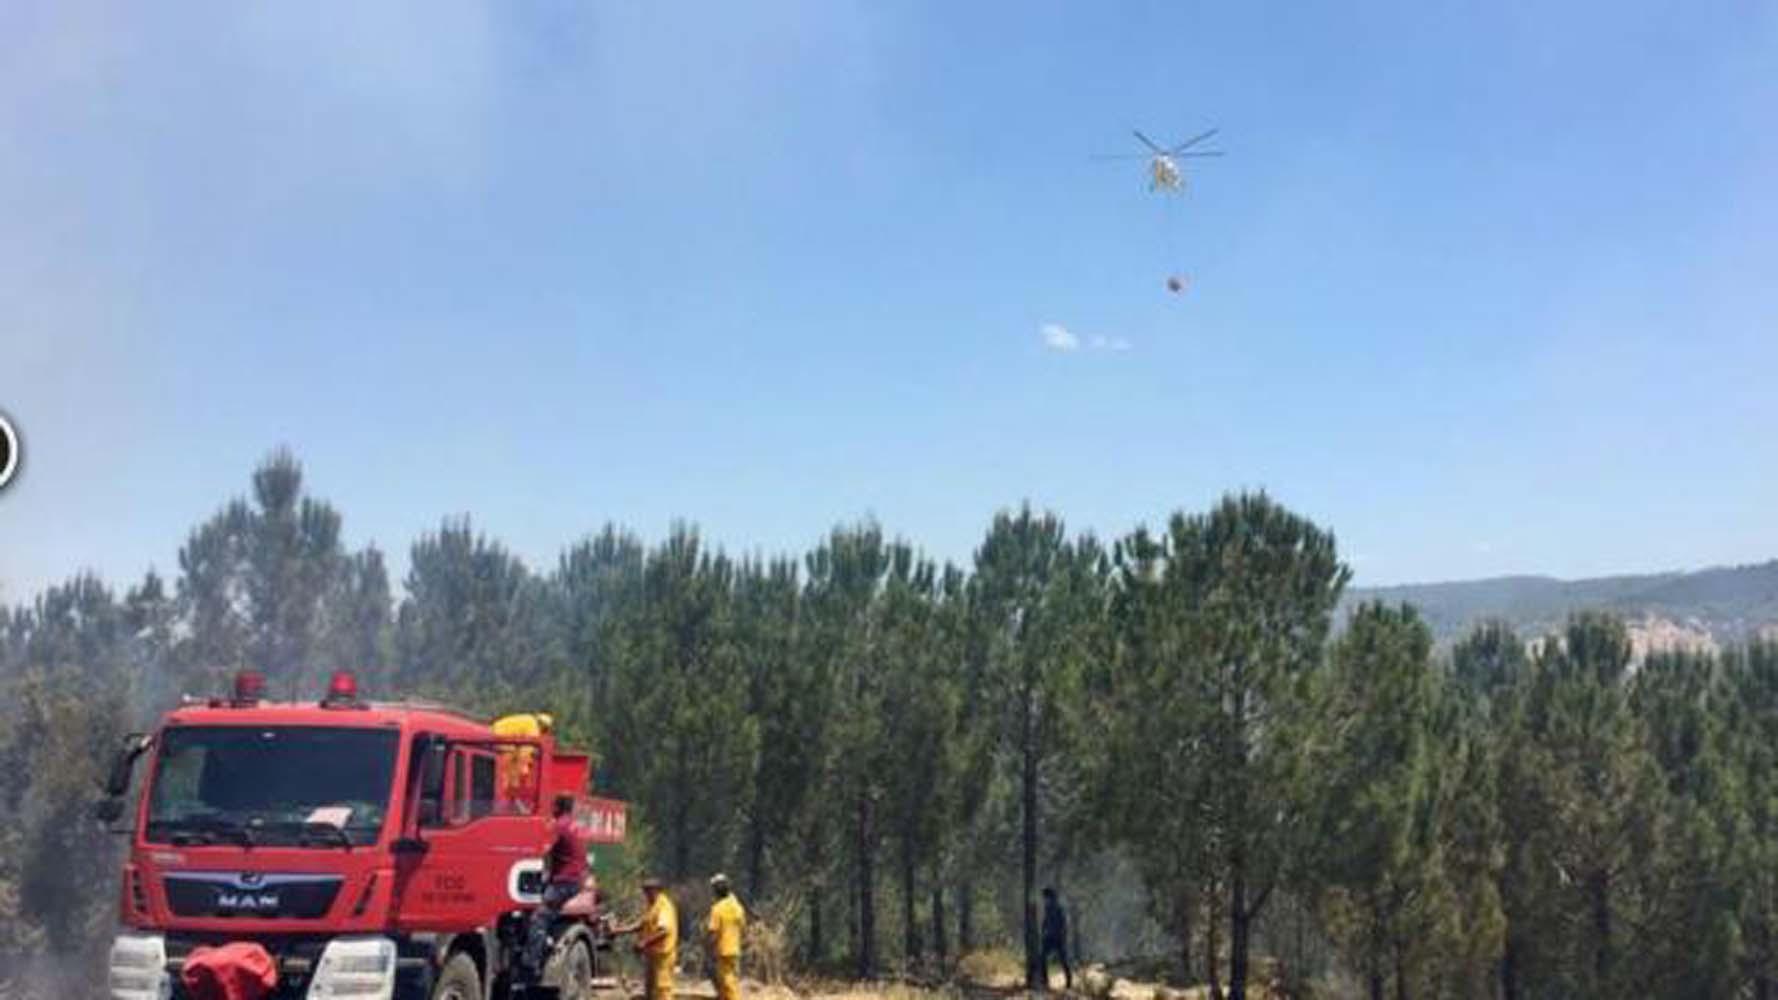 Bolu'da çıkan yangın büyümeden kontrol altına alınarak söndürüldü